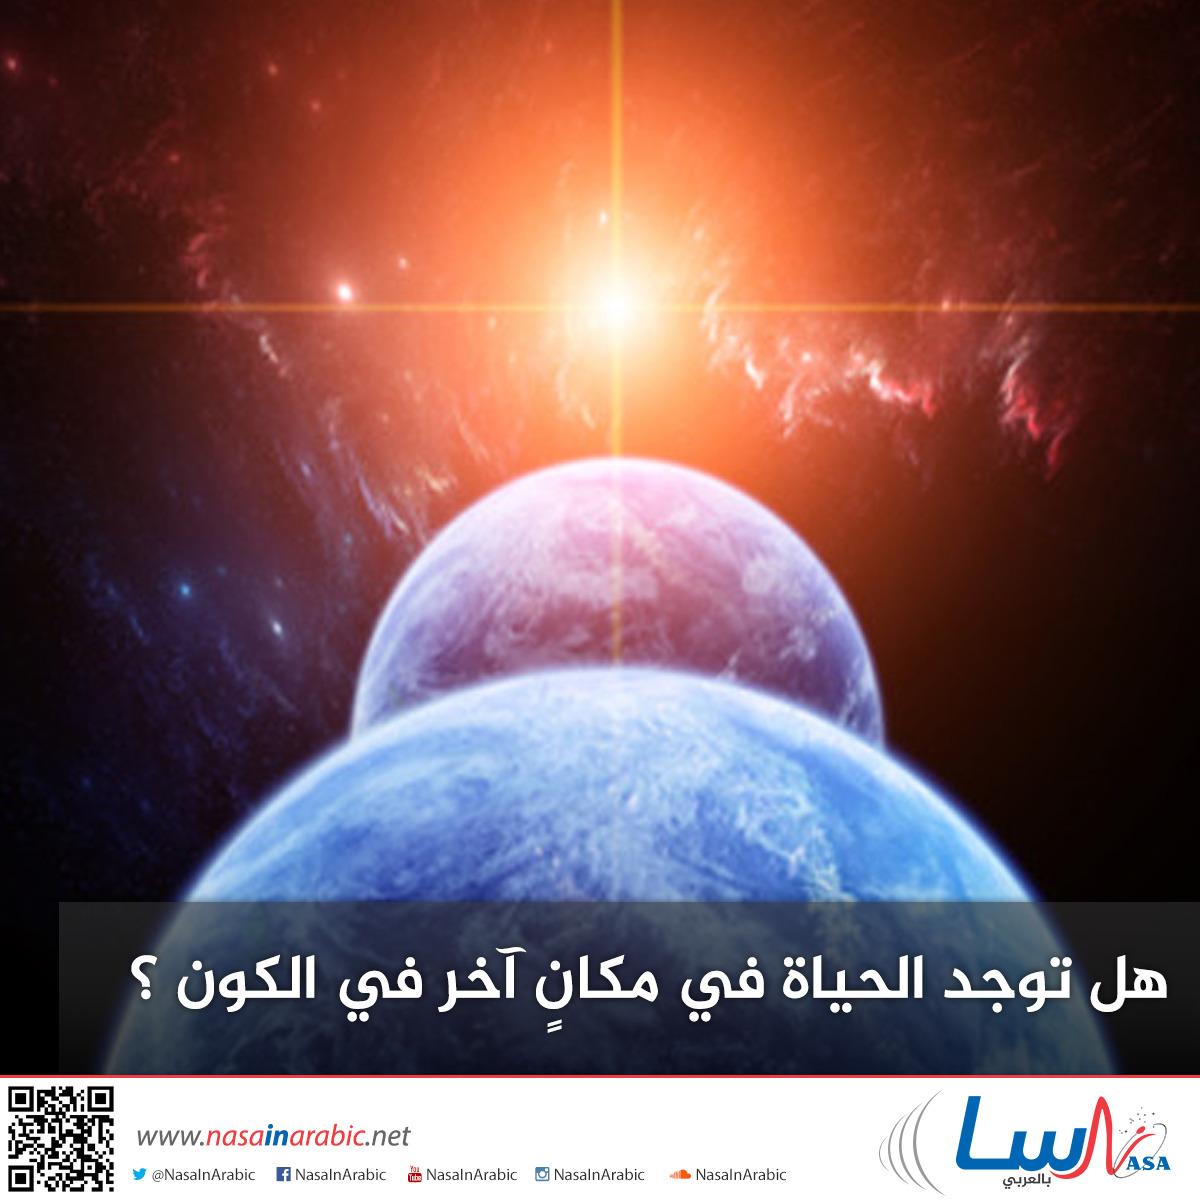 هل توجد الحياة في مكانٍ آخر في الكون ؟